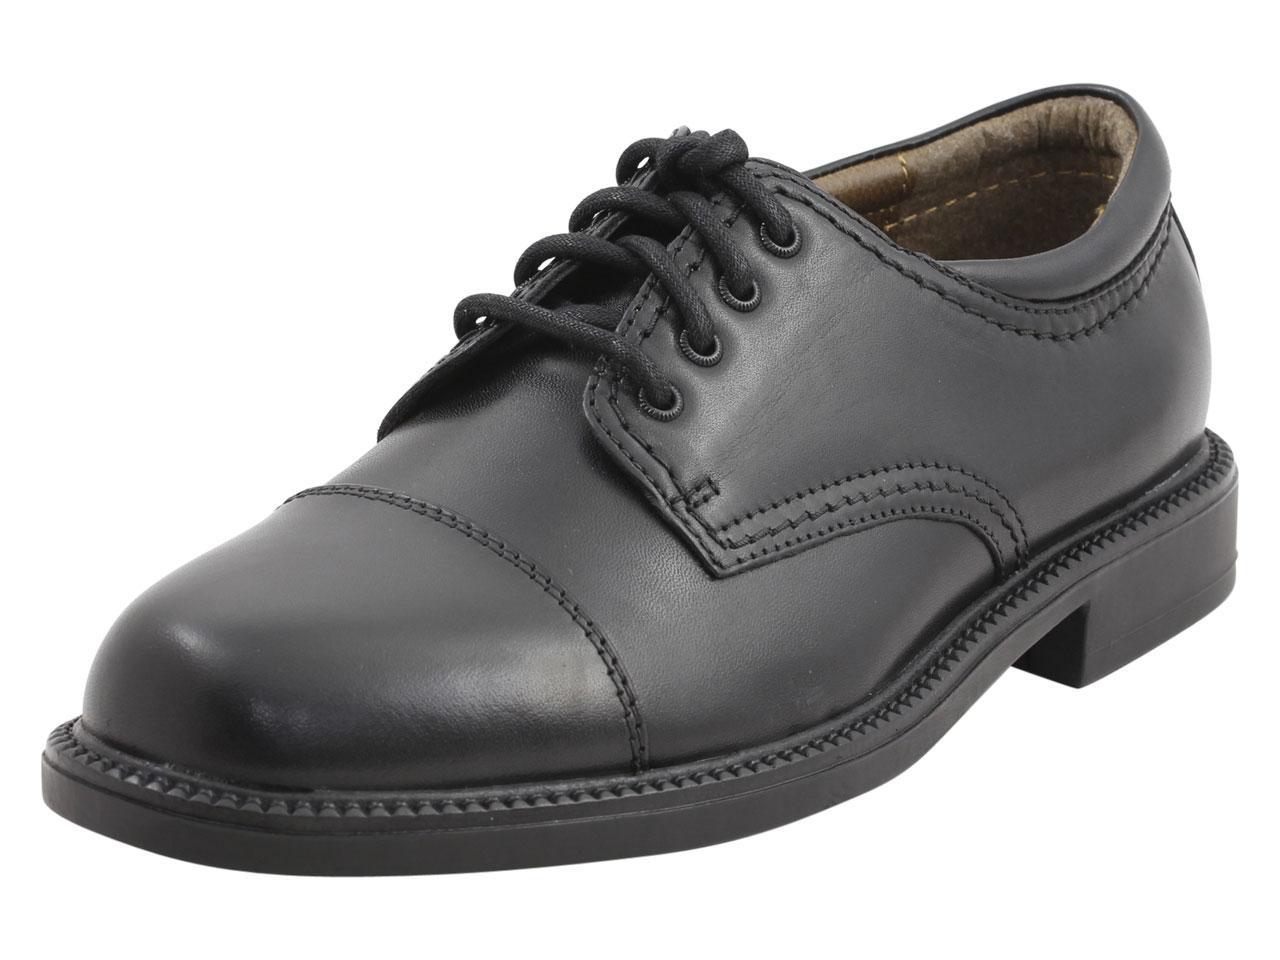 Image of Dockers Men's Gordon Cap Toe Oxfords Shoes - Black - 8.5 D(M) US